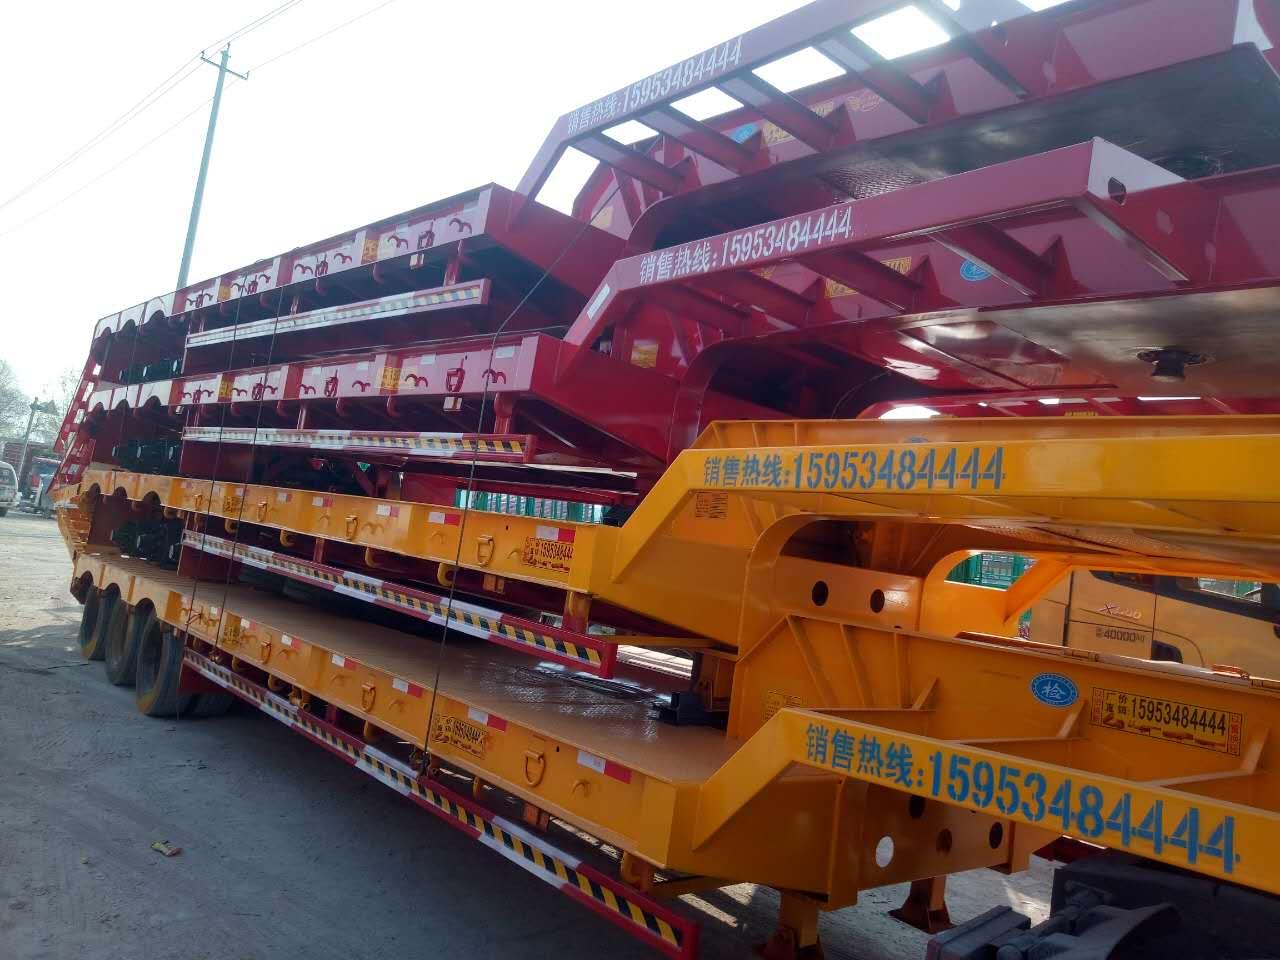 专业订做钩机板 挖掘机运输车 框架特种车 框架四桥 五桥 多线车等...厂家直销陆海挂车